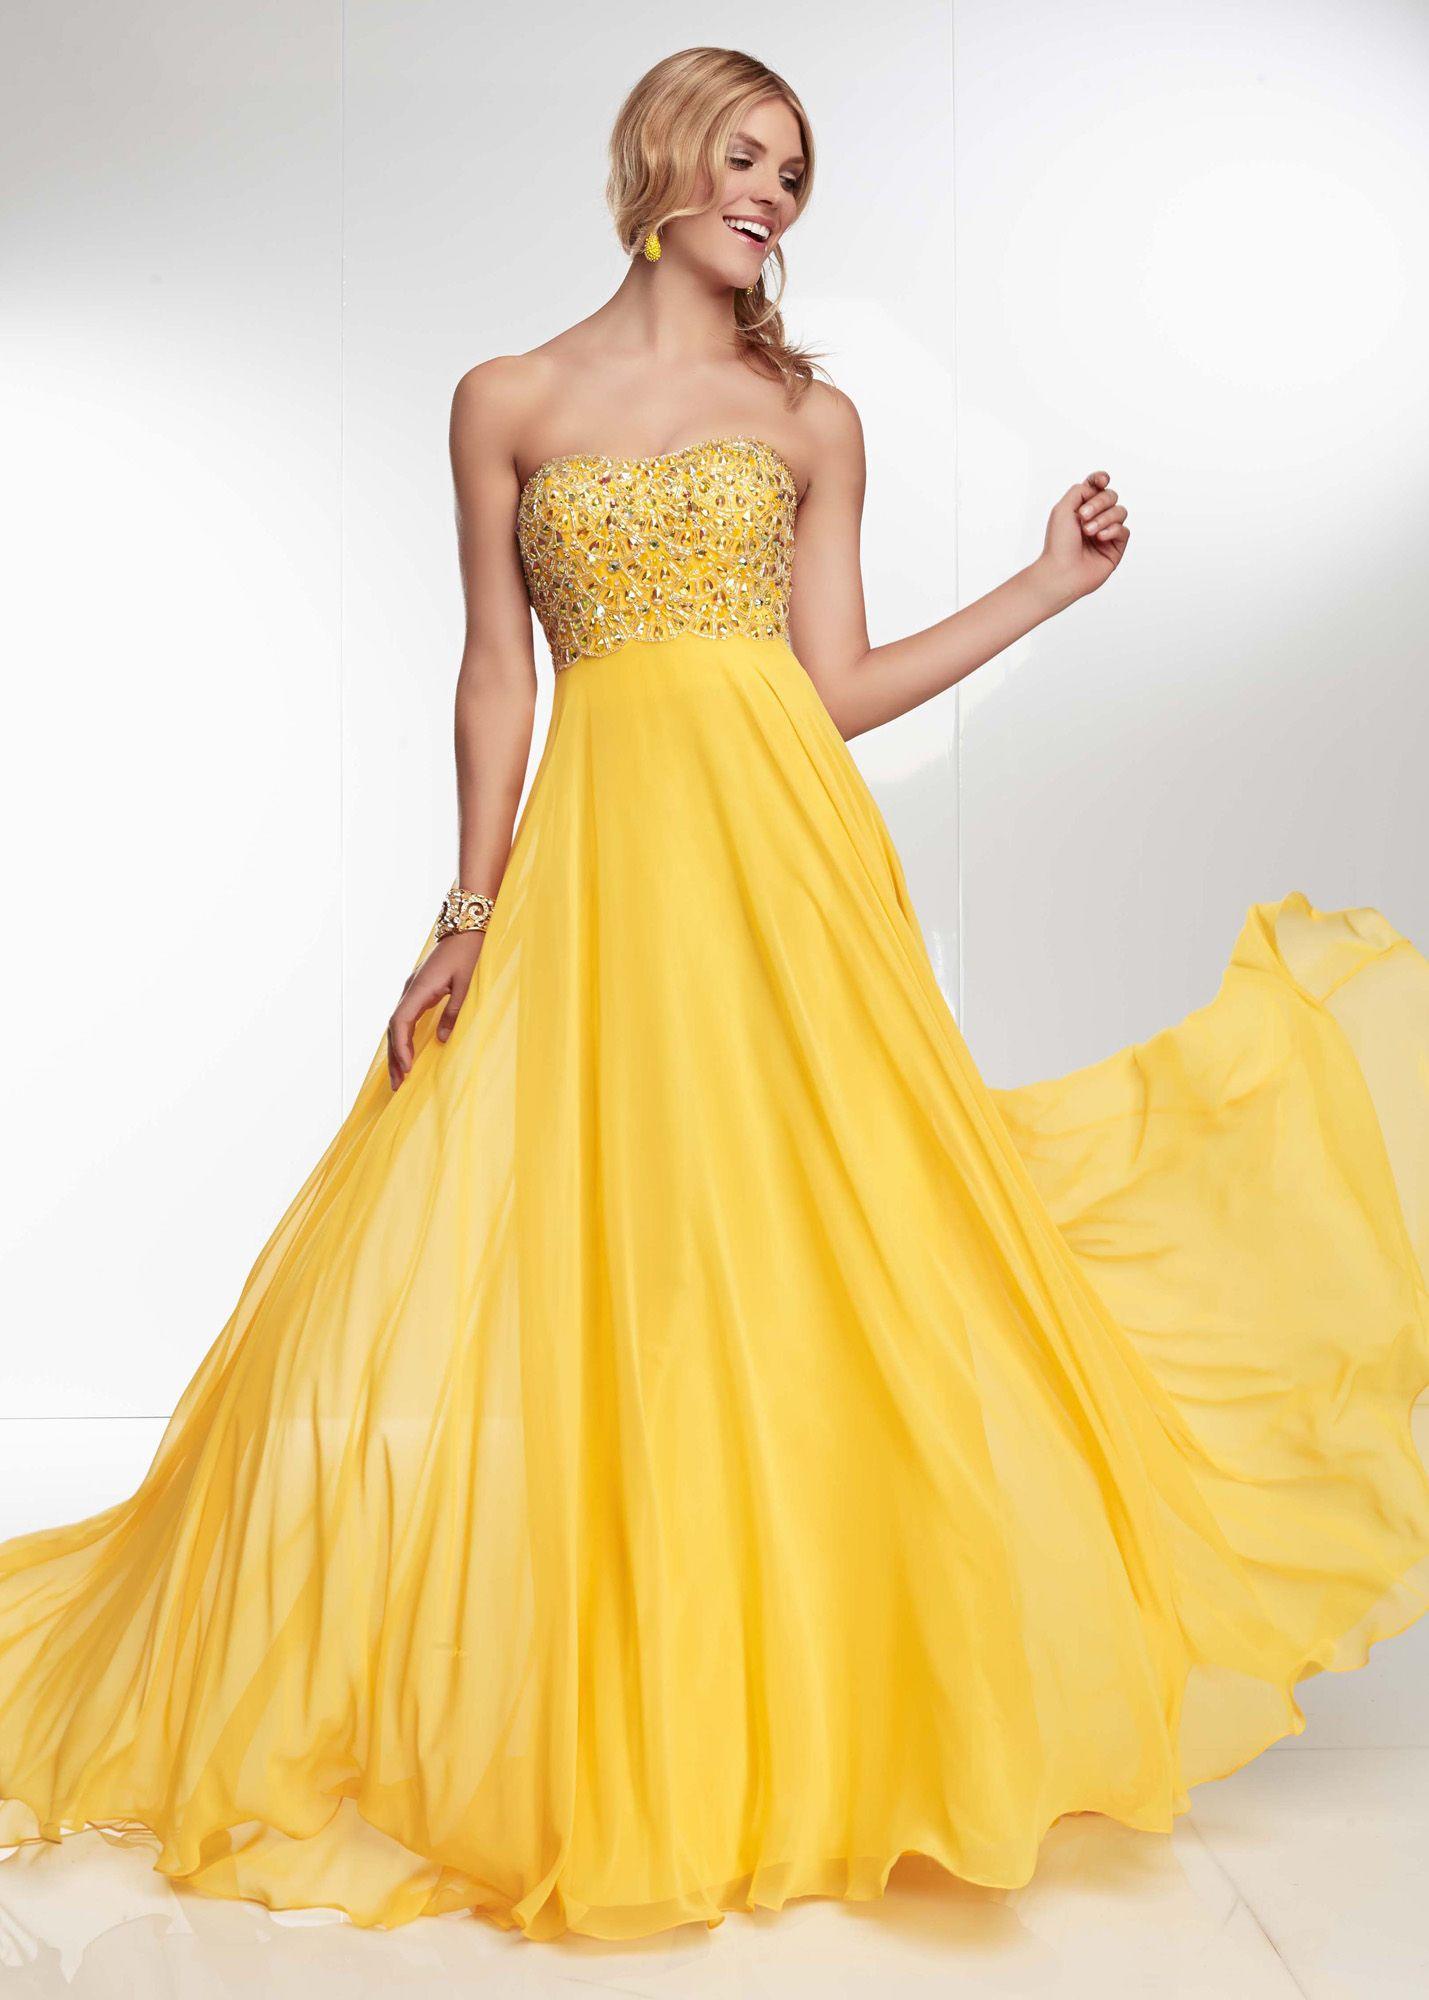 Yellow Chiffon Prom Dress